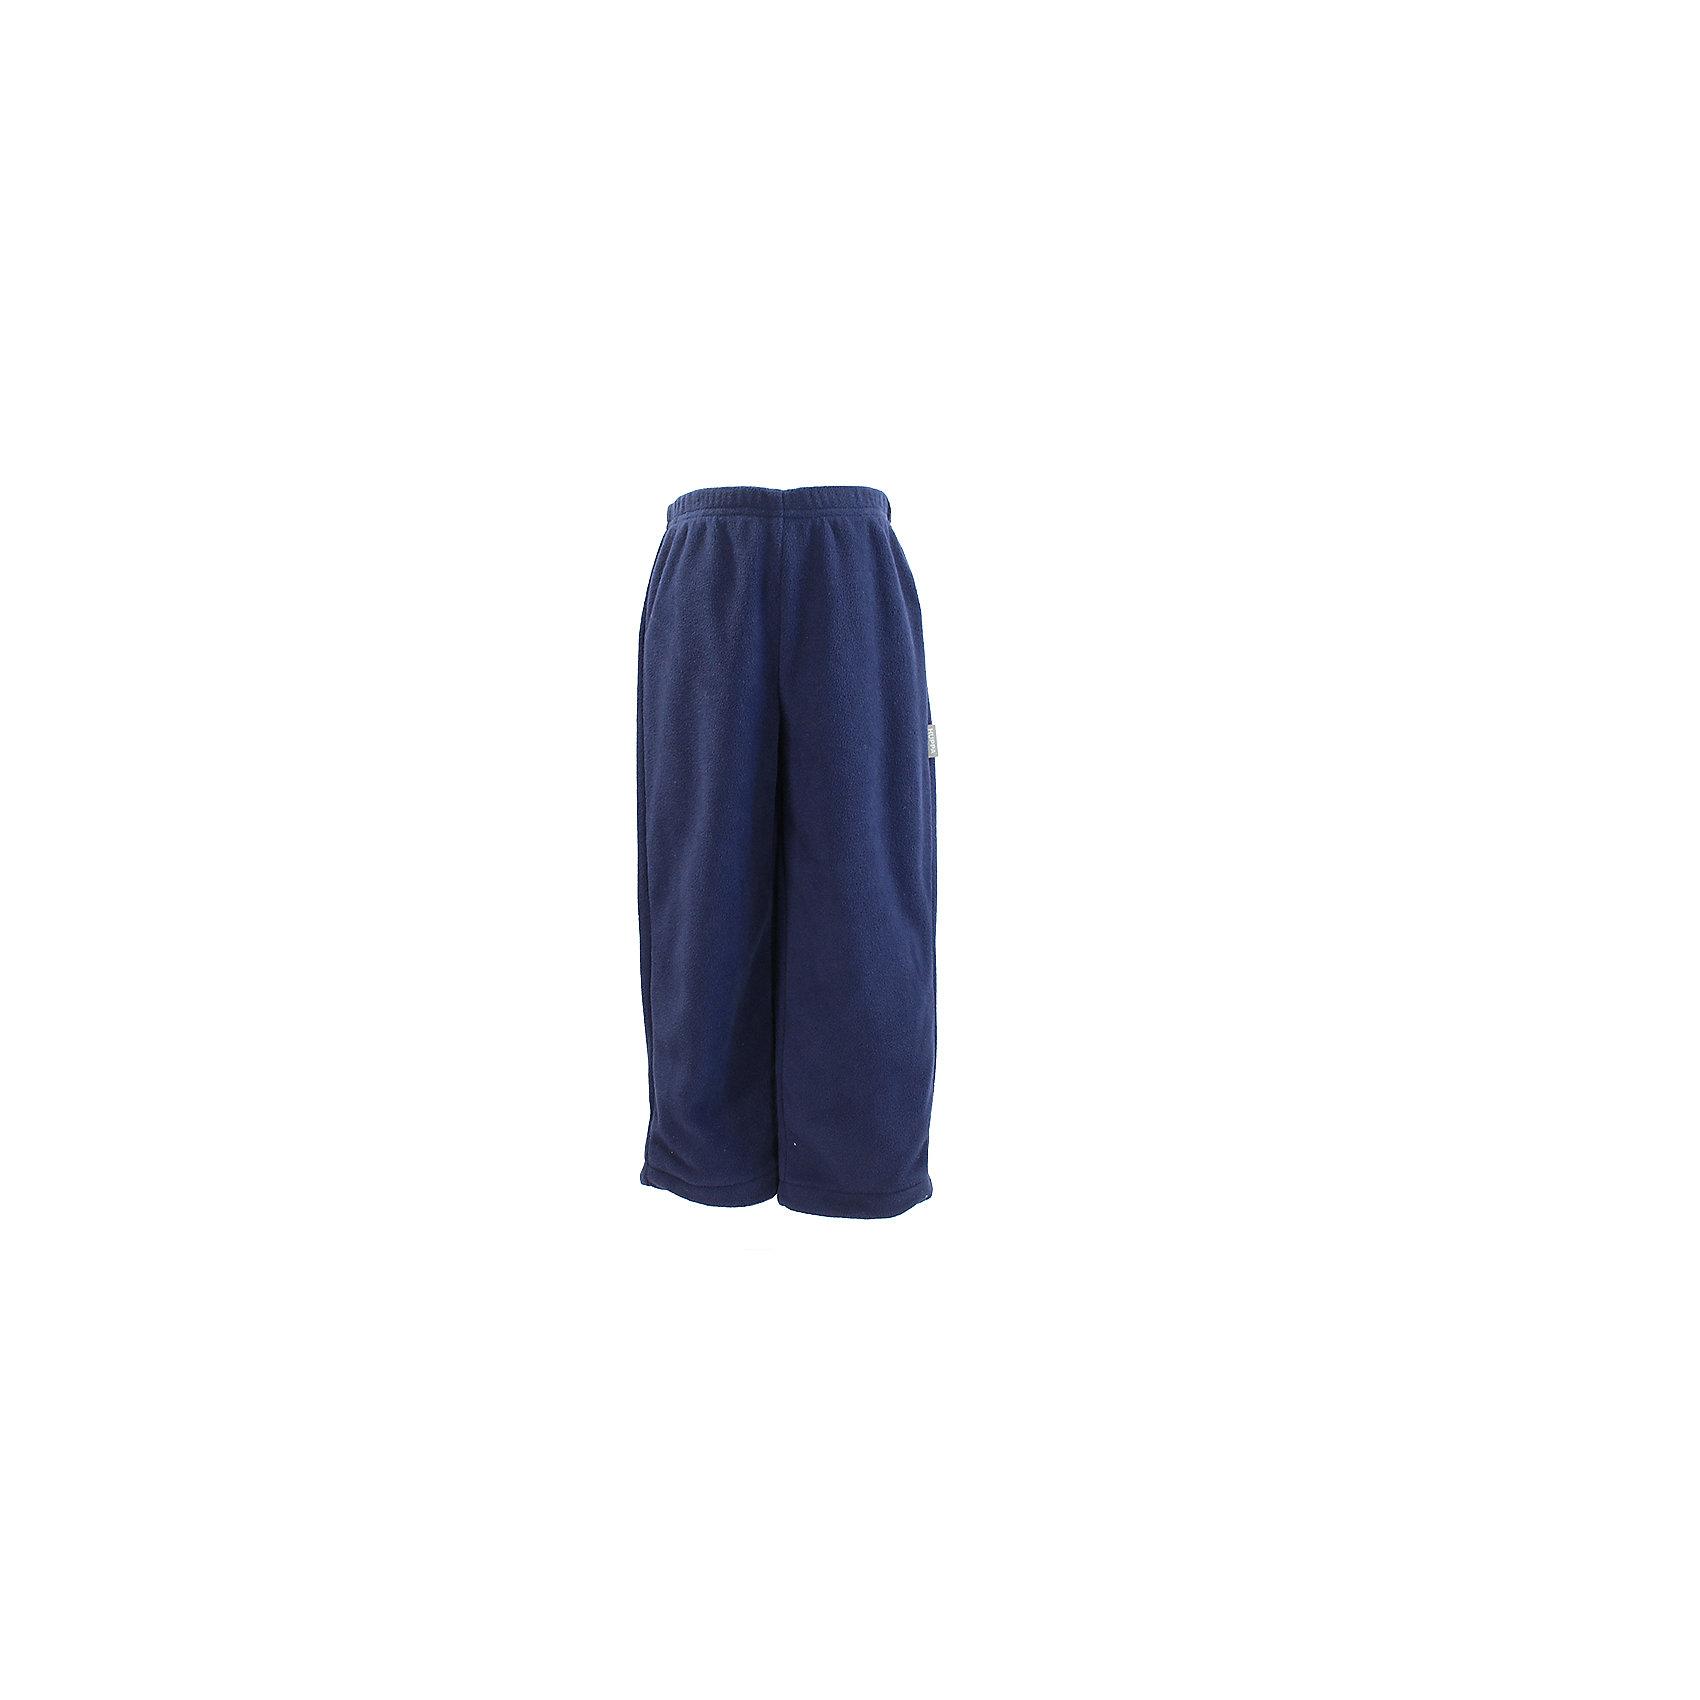 Флисовые брюки Huppa BillyФлис и термобелье<br>Характеристики товара:<br><br>• модель: Billy;<br>• цвет: темно-синий;<br>• состав: 100% полиэстер;<br>• сезон: зима;<br>• температурный режим: от +10 до - 30С;<br>• застежка: эластичная резинка на талии;<br>• штанины на мягкой эластичной резинке;<br>• светоотражающая нашивка;<br>• страна бренда: Финляндия;<br>• страна изготовитель: Эстония.<br><br>Флисовые брюки на резинке. Брюки очень мягкие и приятные на ощупь. Можно носить как верхнюю одежду в прохладные деньки и использовать как дополнительный утепленный слой под верхней одеждой зимой. Брюки на резинке с эластичными штанинами внизу..<br><br>Флисовые брюки Huppa Billy (Хуппа) можно купить в нашем интернет-магазине.<br><br>Ширина мм: 215<br>Глубина мм: 88<br>Высота мм: 191<br>Вес г: 336<br>Цвет: синий<br>Возраст от месяцев: 72<br>Возраст до месяцев: 84<br>Пол: Унисекс<br>Возраст: Детский<br>Размер: 122,80,86,92<br>SKU: 7027727